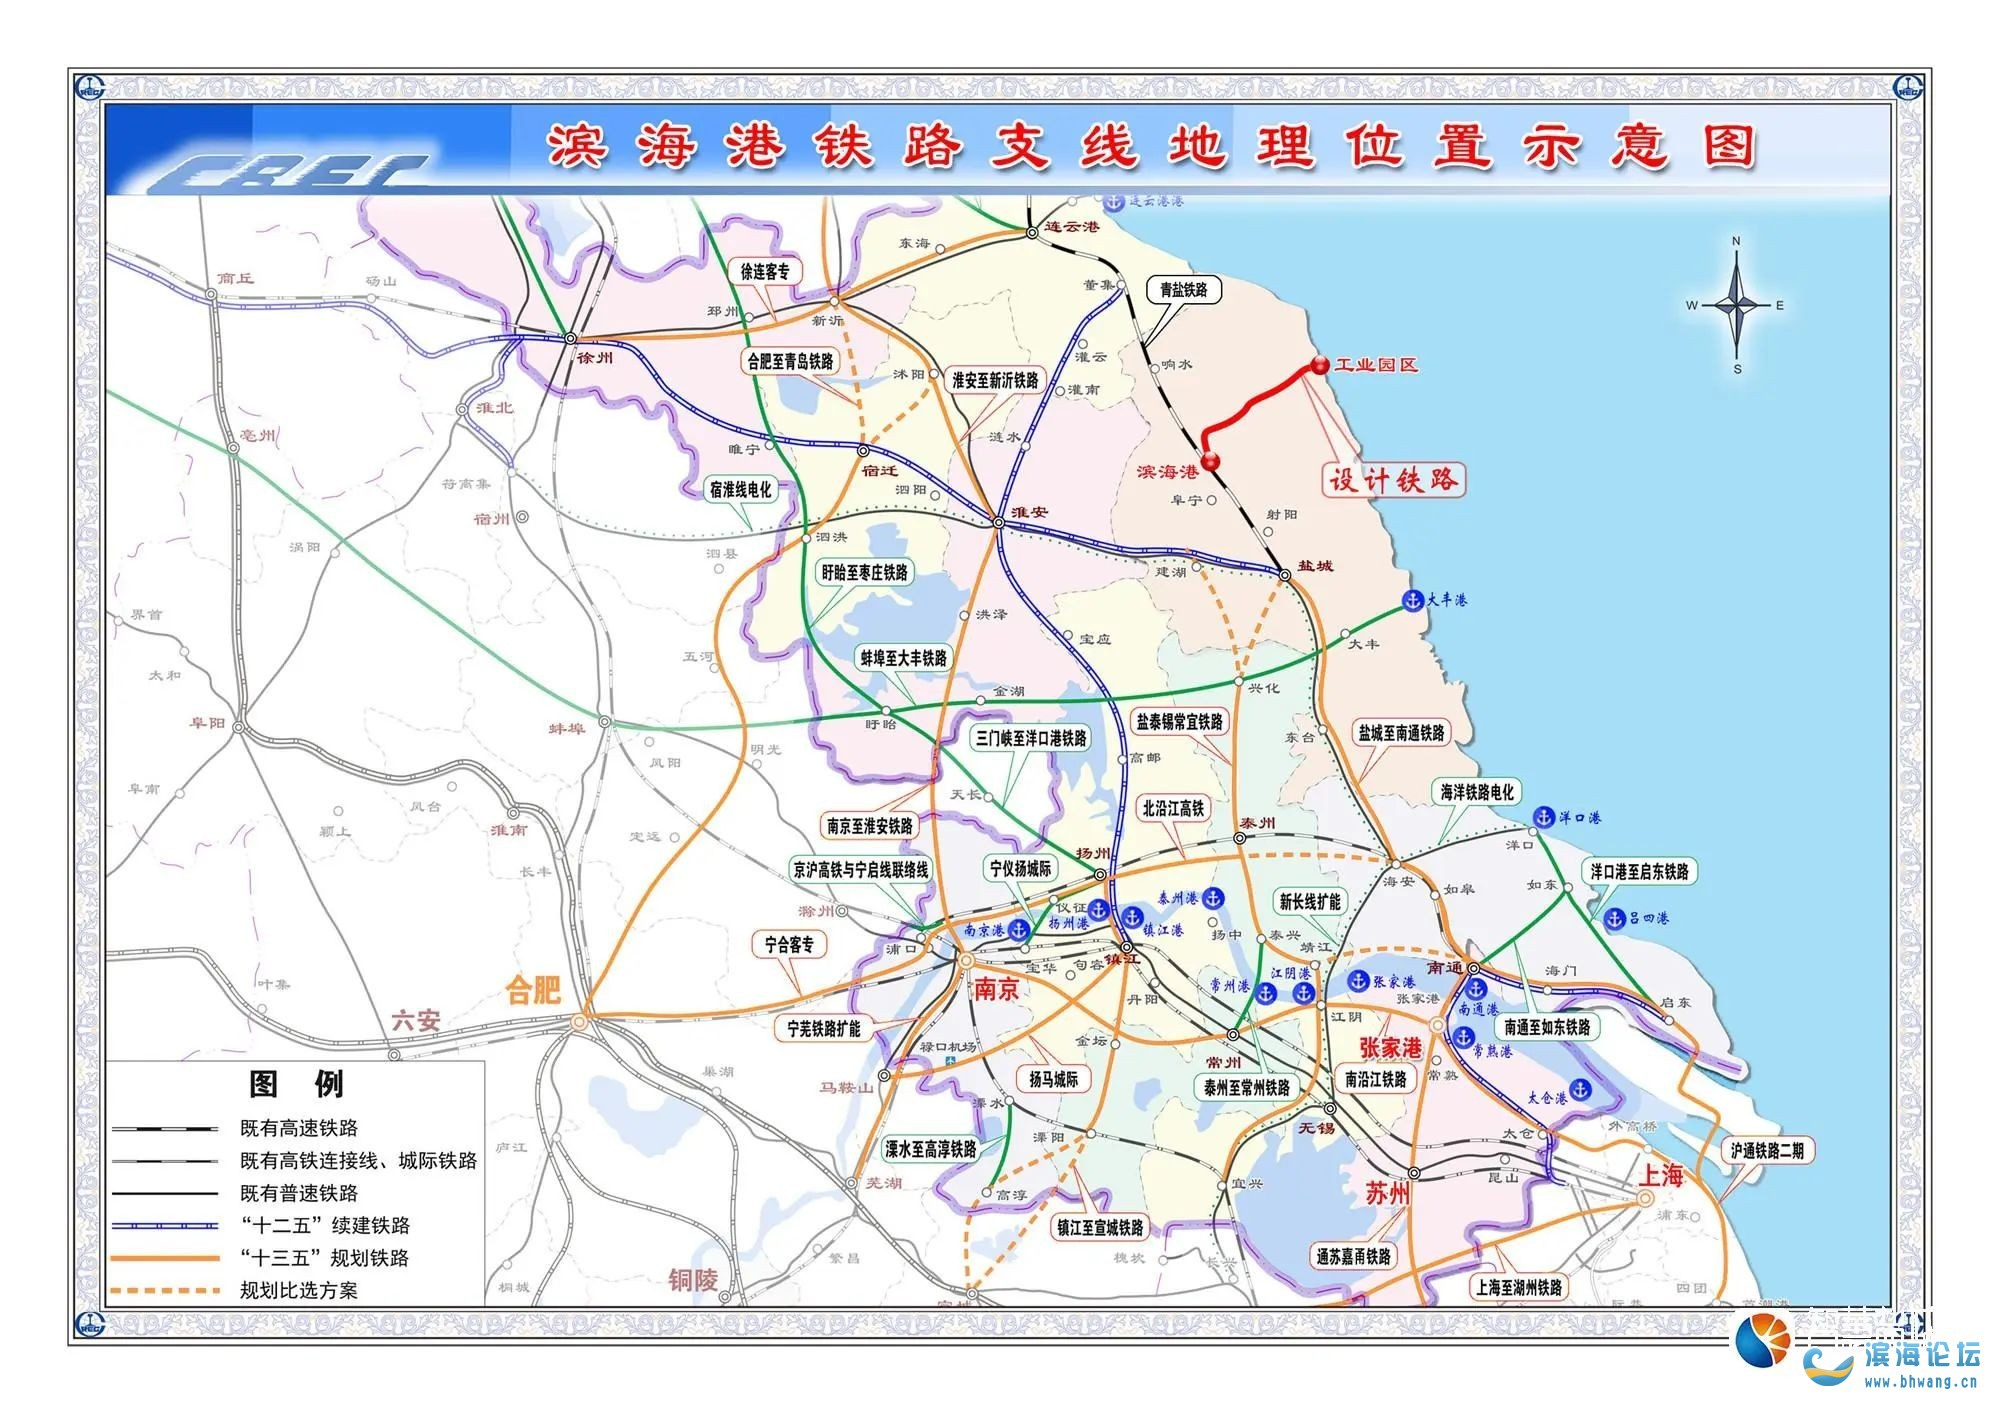 提速!濱海港鐵路專用線工程項目取得新進展……